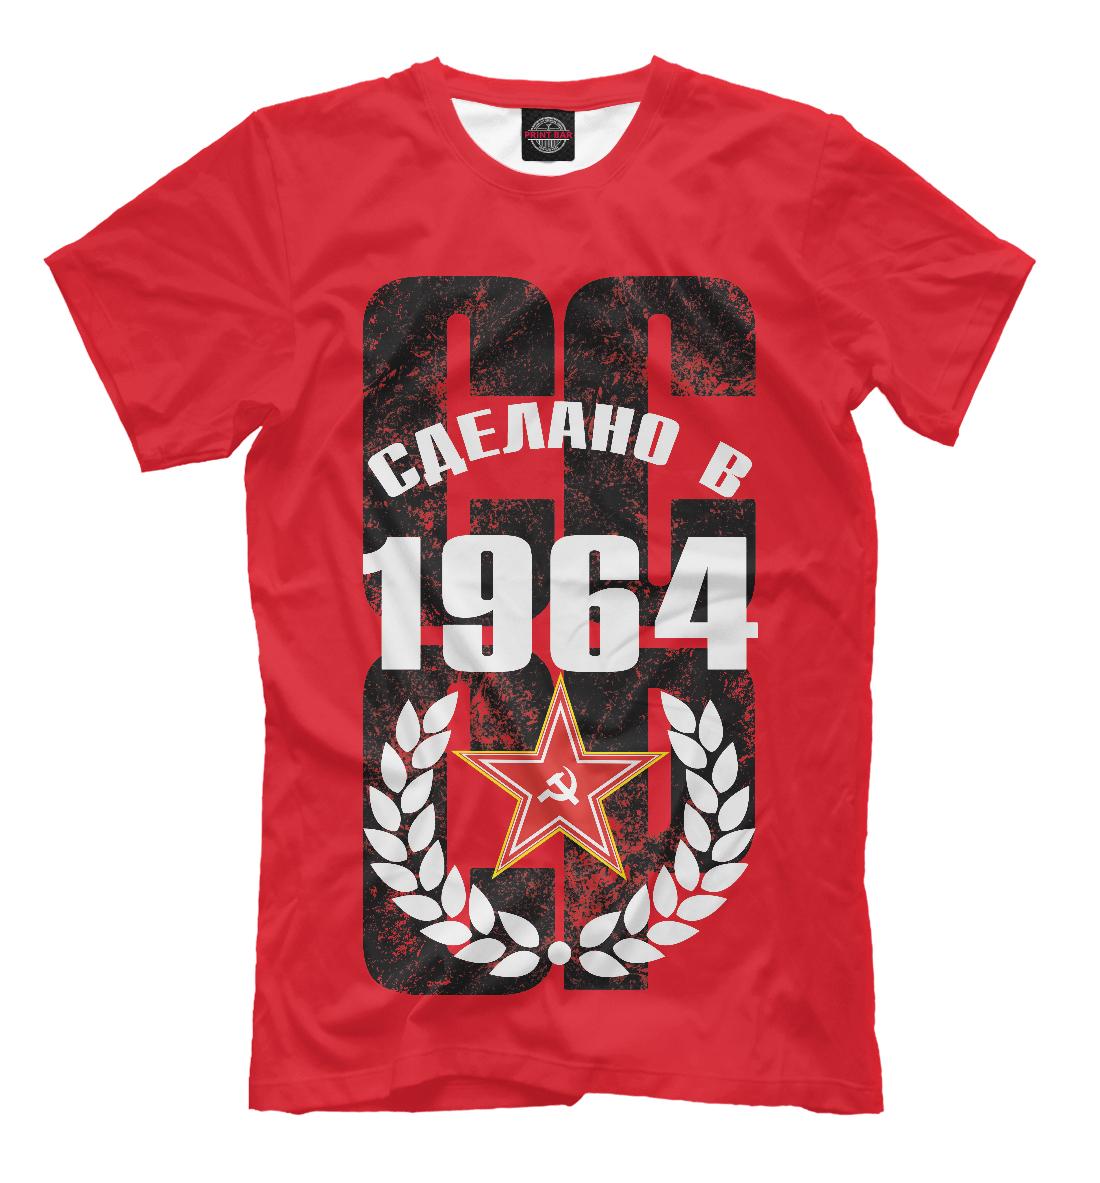 Сделано в СССР 1964, Printbar, Футболки, DHC-520112-fut-2  - купить со скидкой